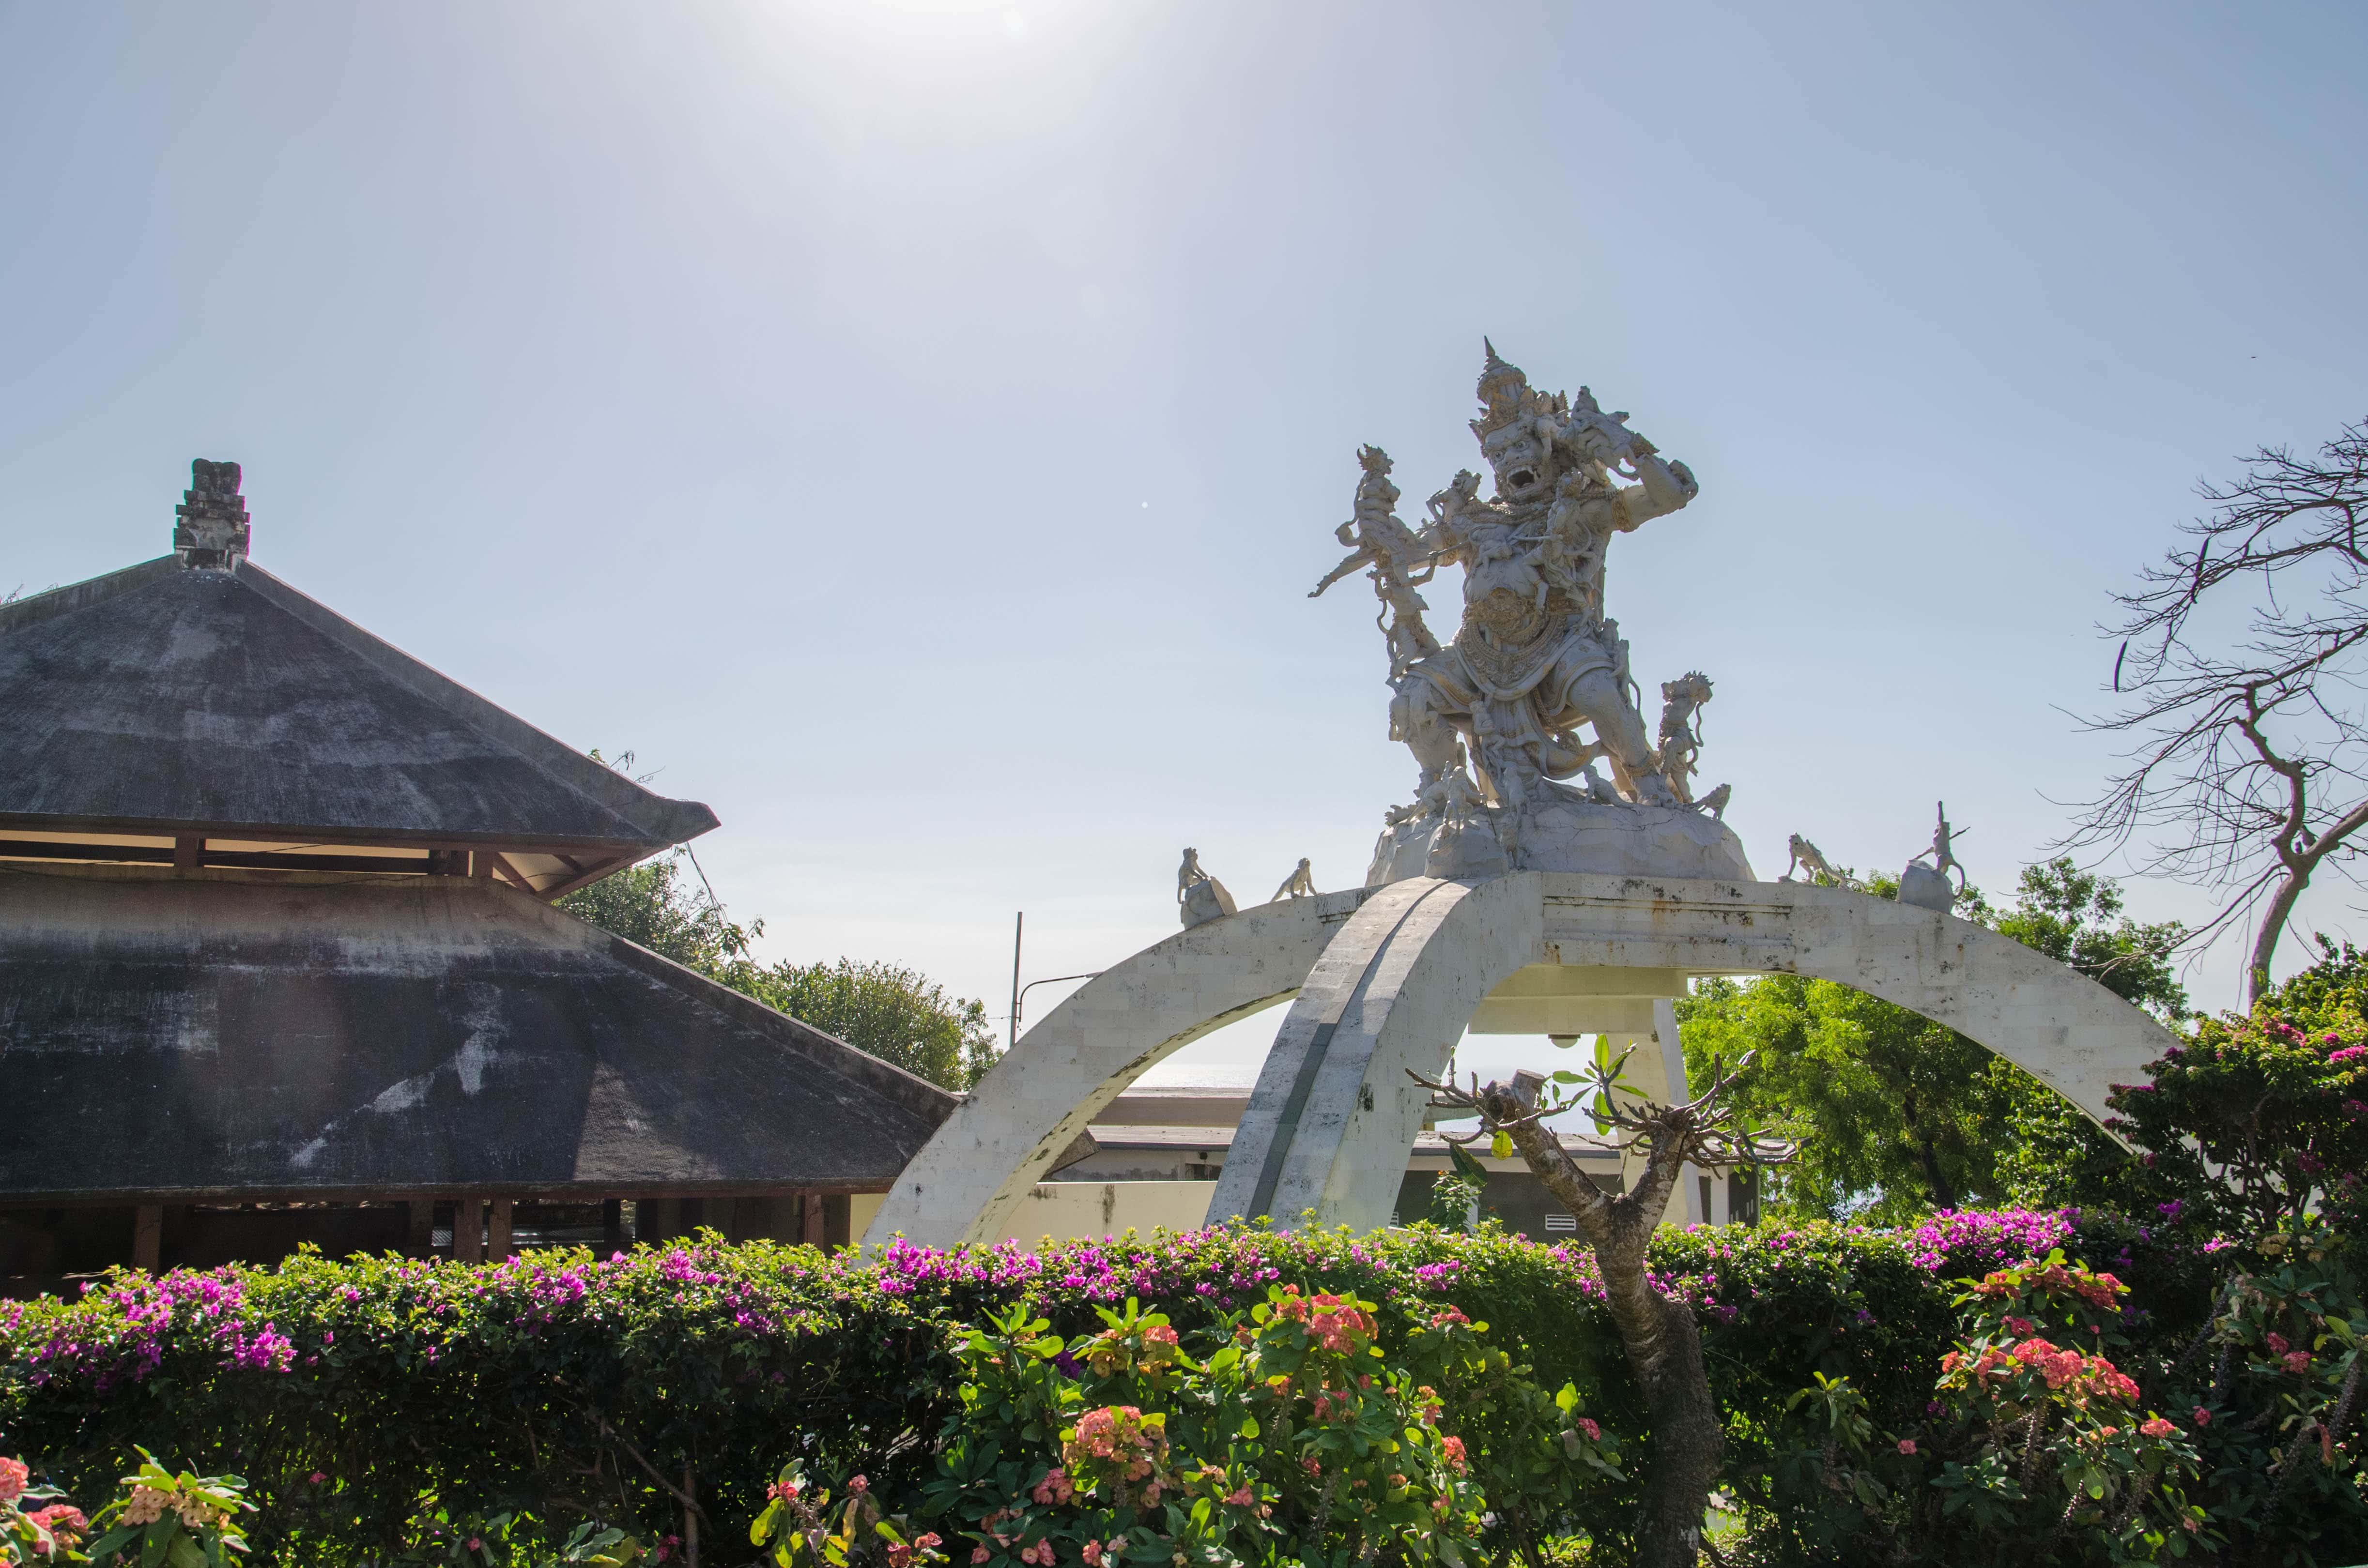 Notre séjour à Bali